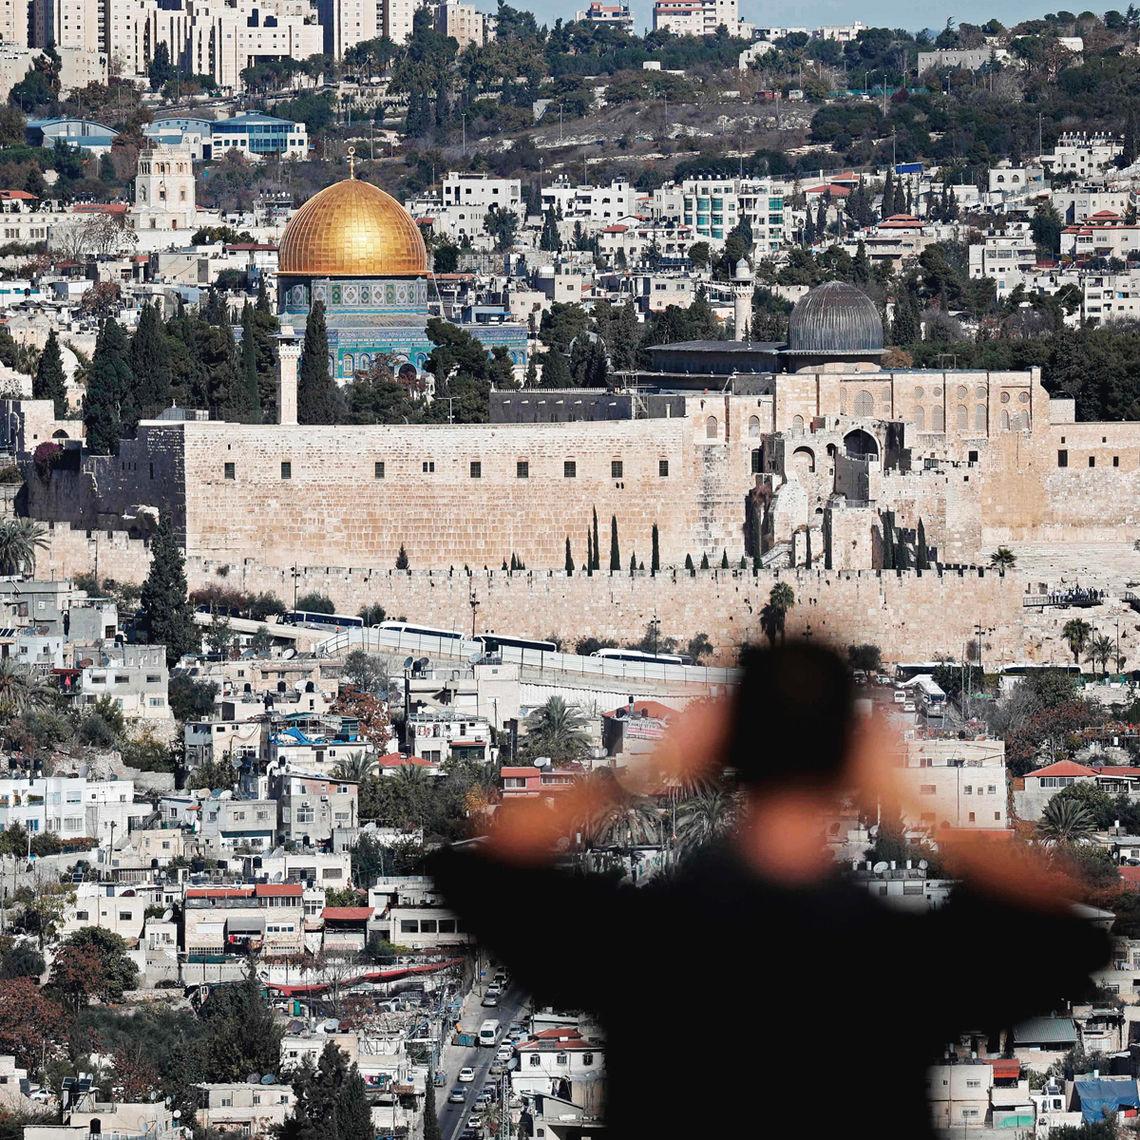 So sieht Jerusalem aus. Eine der begehrtesten und am härtesten umkämpften Städte der Welt.